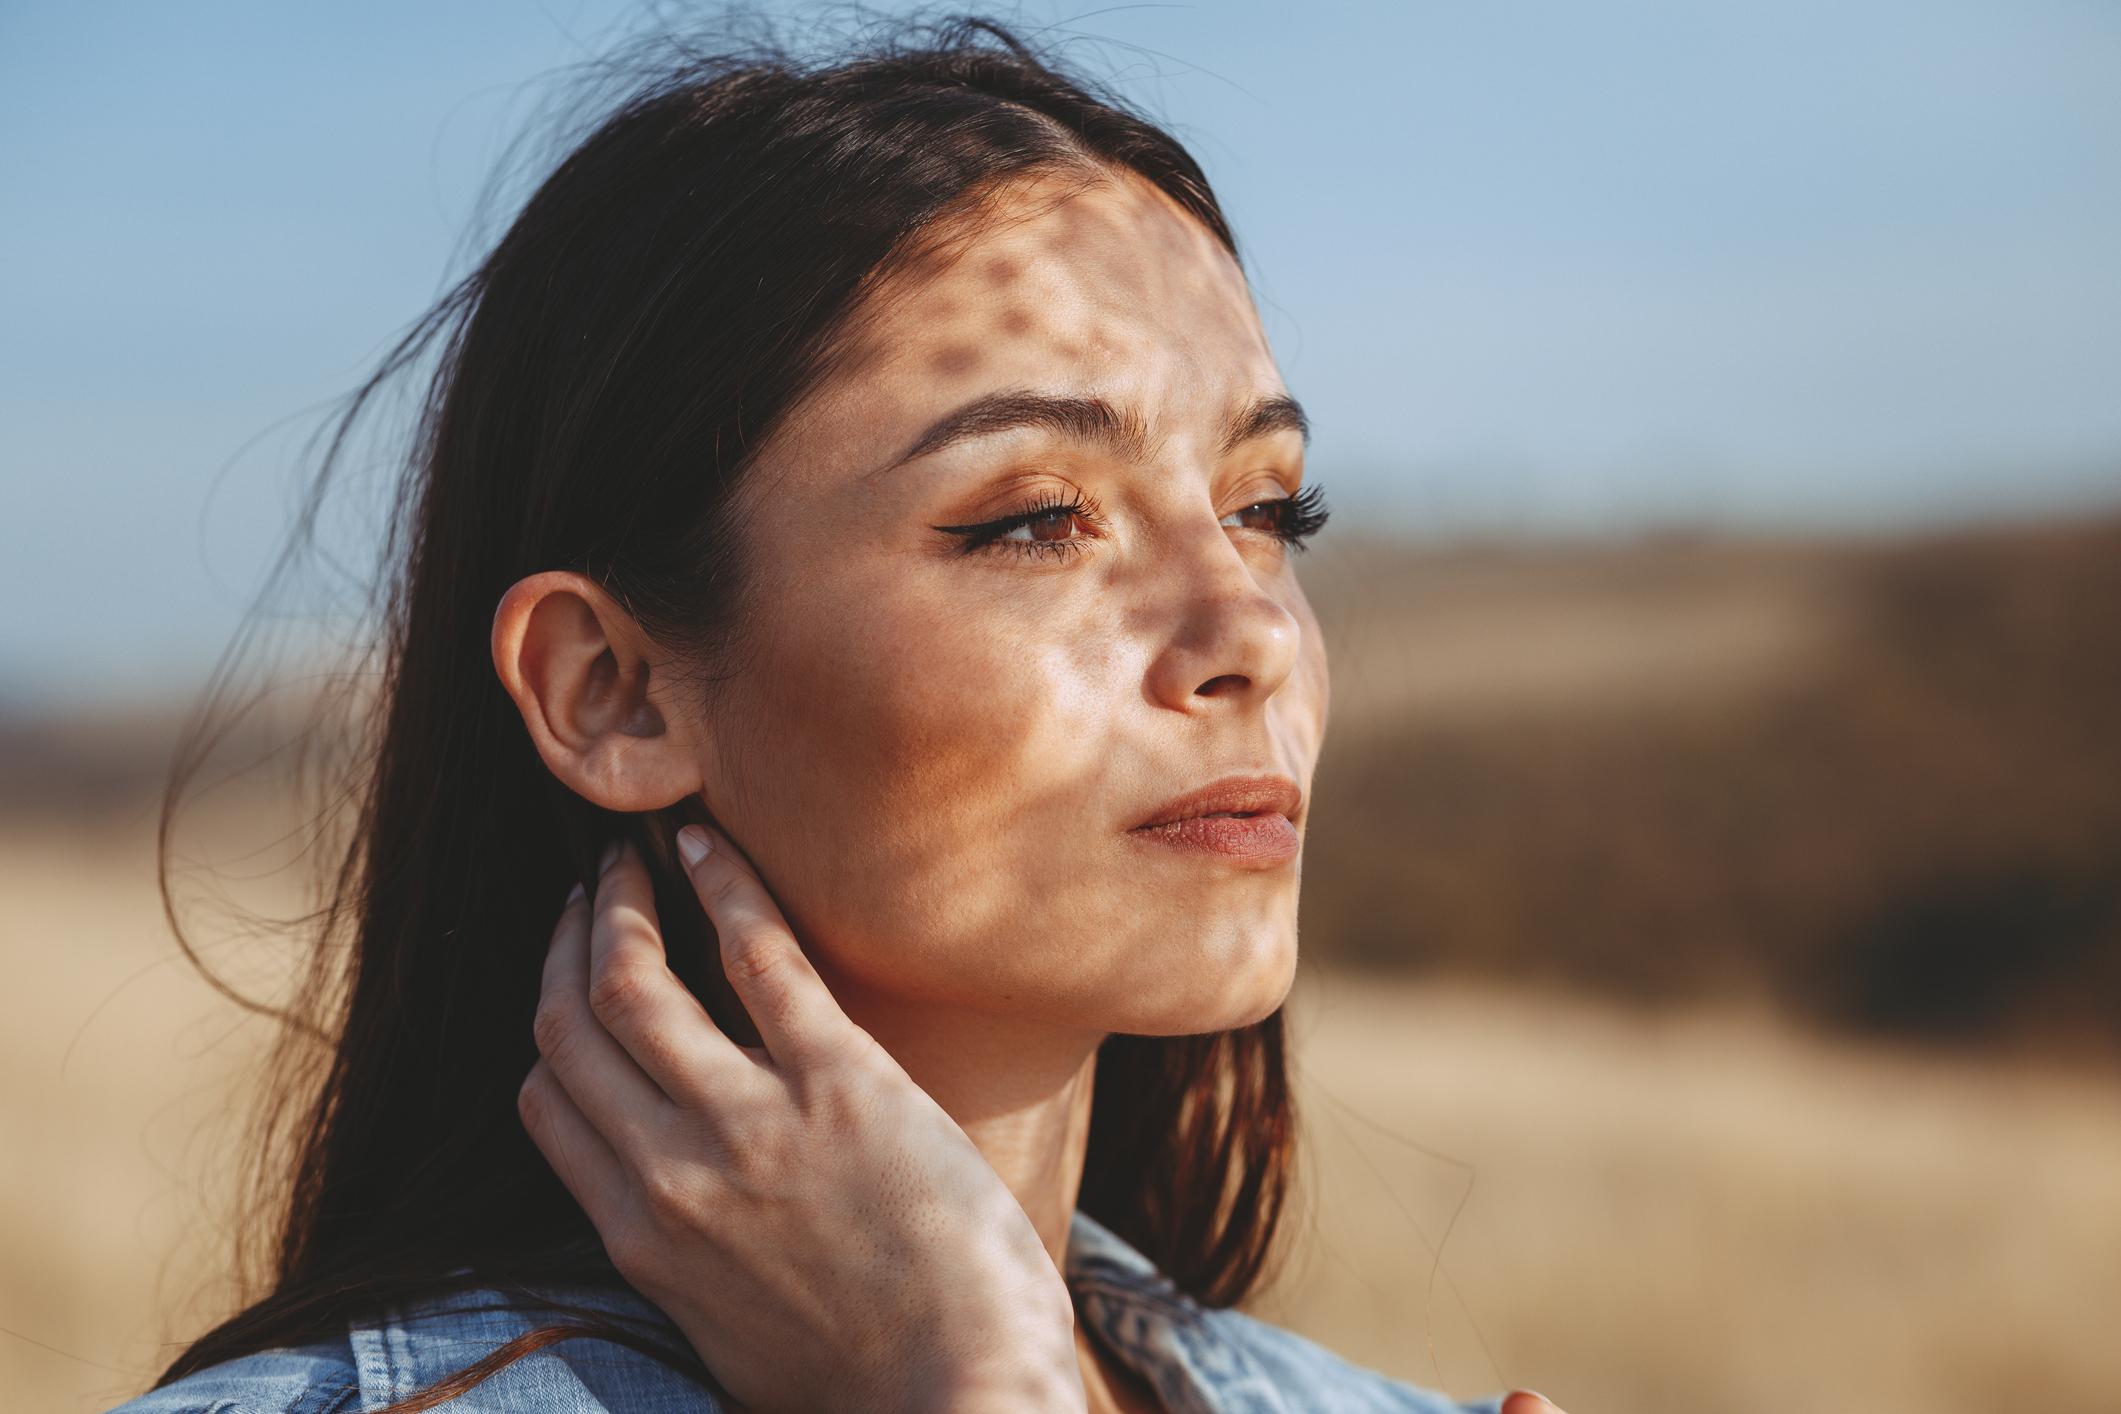 Devet od 10 osoba kojima je dijagnosticiran lupus su žene u dobi od 15 do 44 godine.